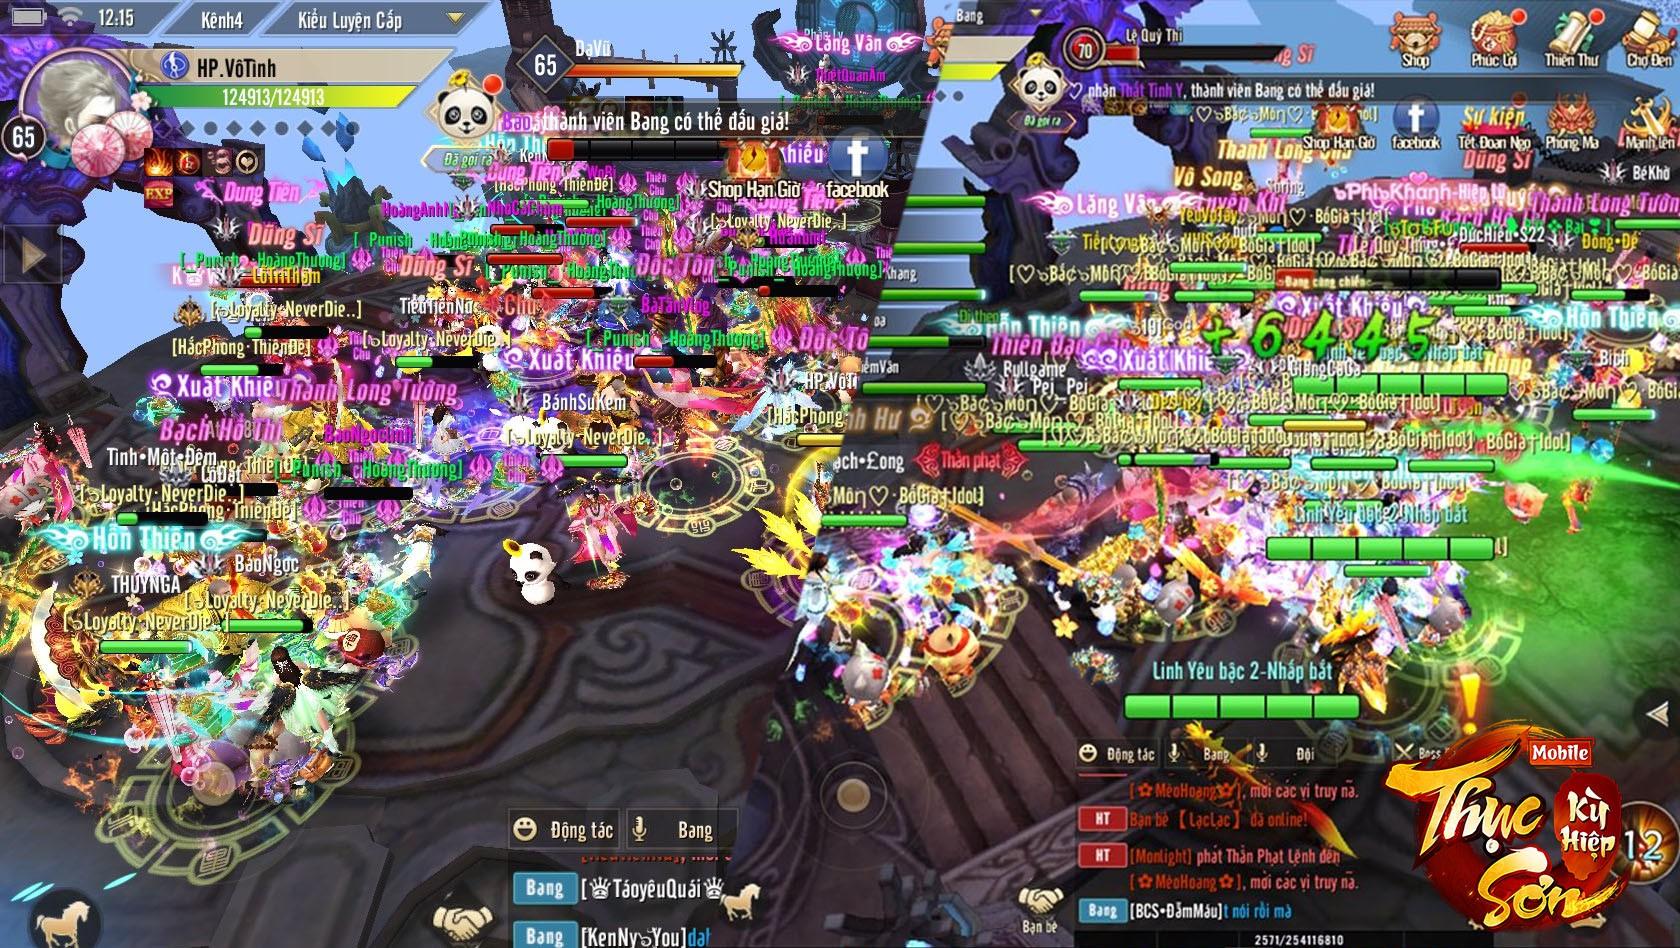 Nữ game thủ khóc lóc bóc phốt Top server PK phá bãi, ai ngờ bị cộng đồng... chửi cho không kịp vuốt mặt - Ảnh 17.